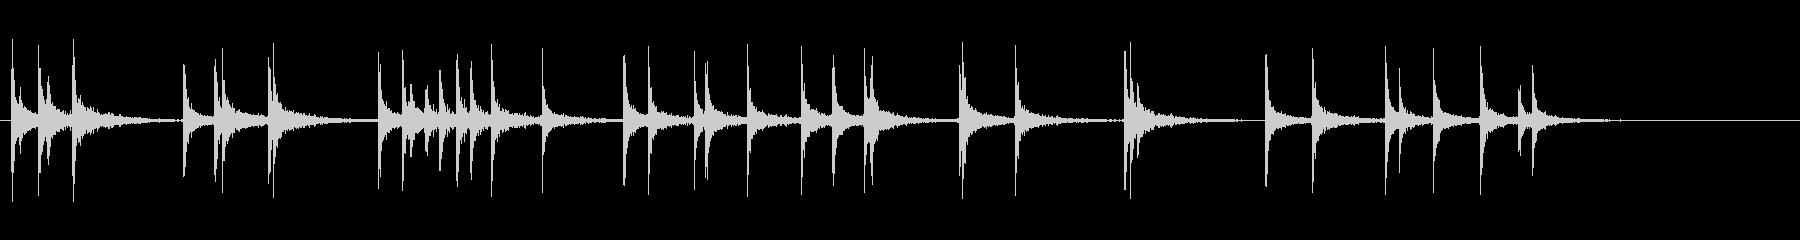 ヘビーメタルスナッピングクリークの未再生の波形